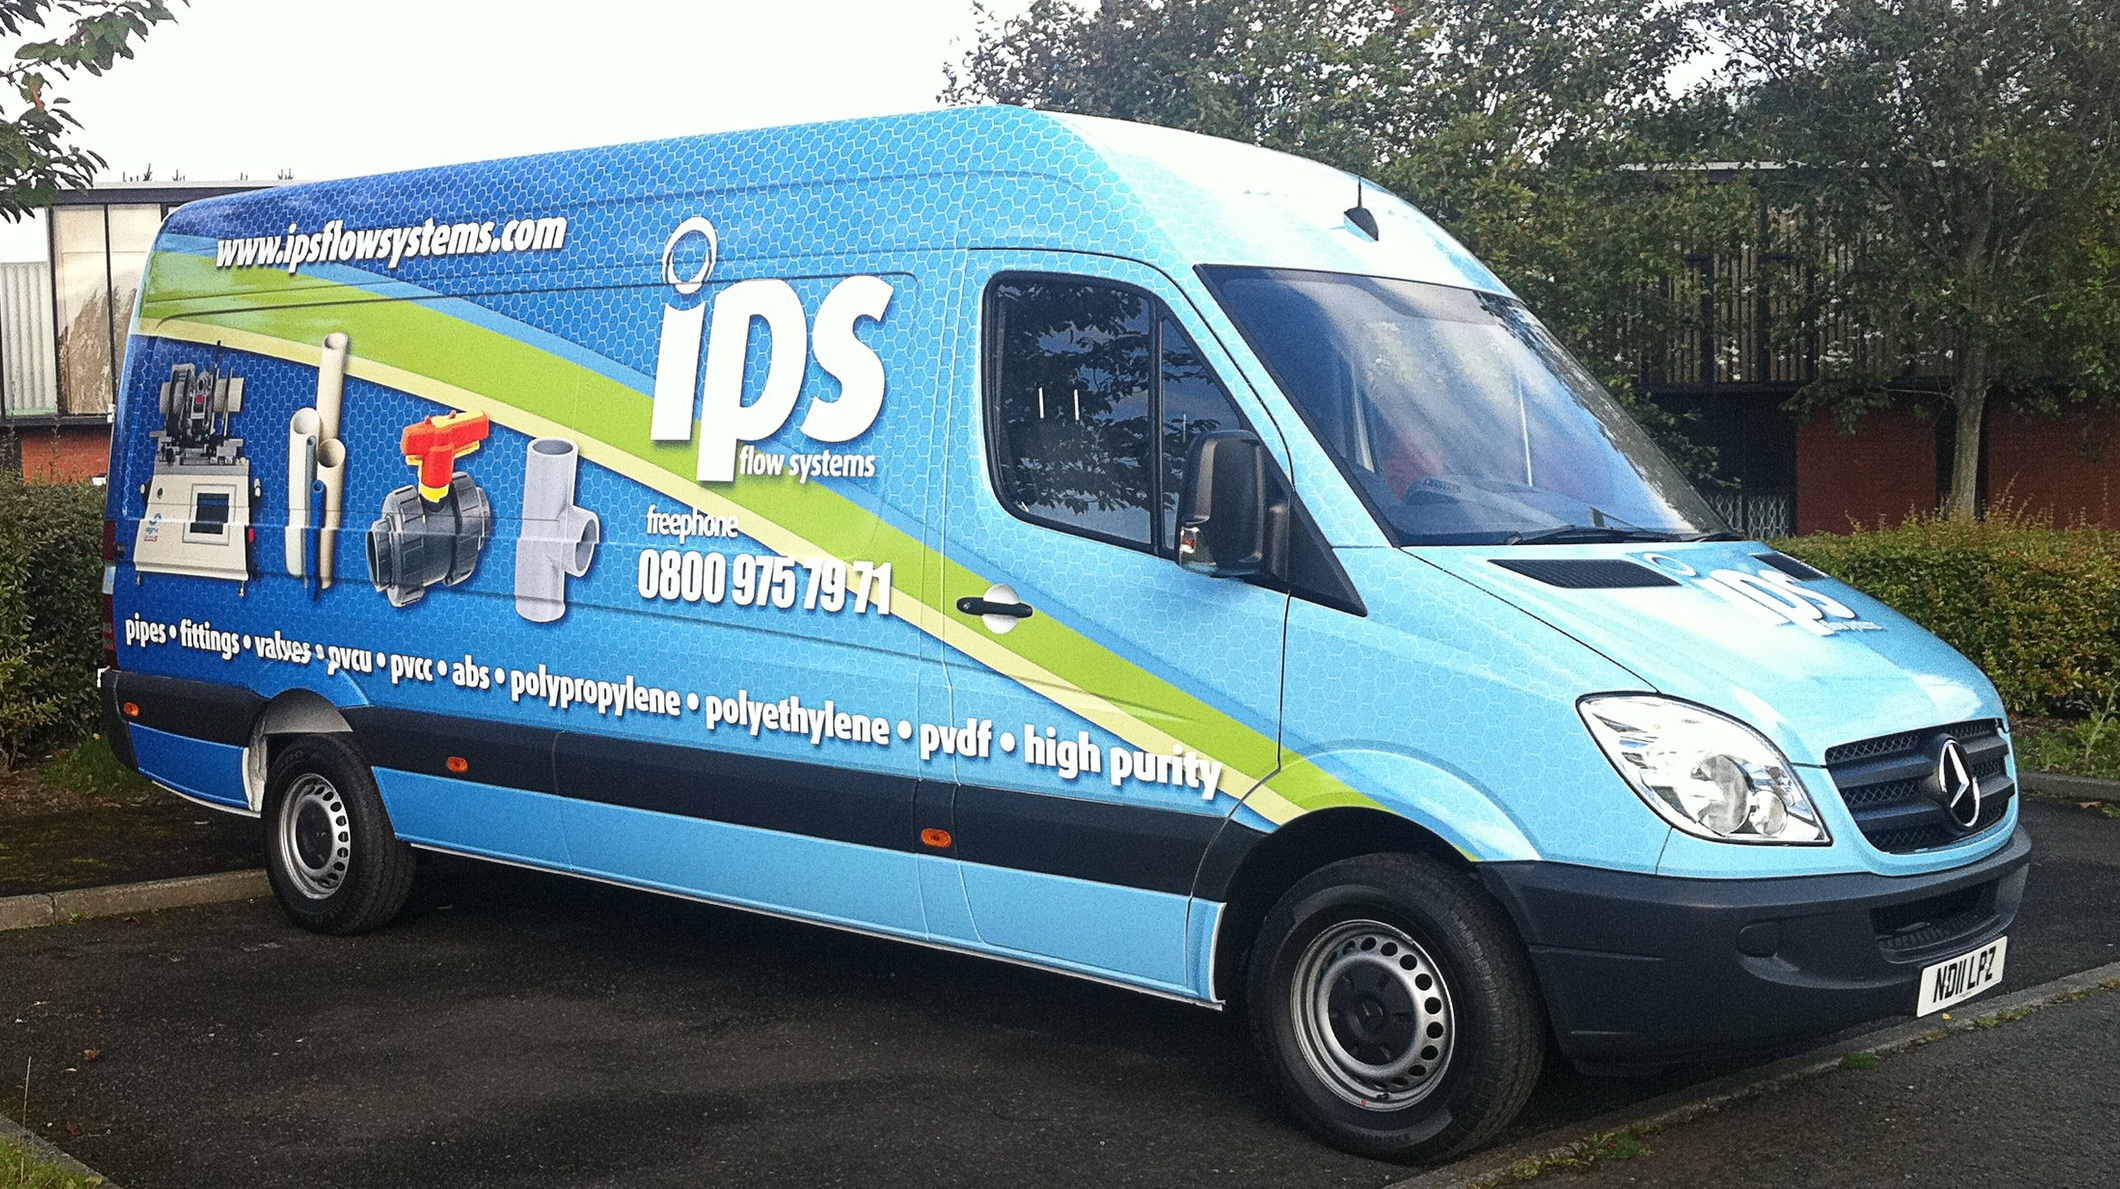 IPS FLOW SYSTEMS   Full van wrap.